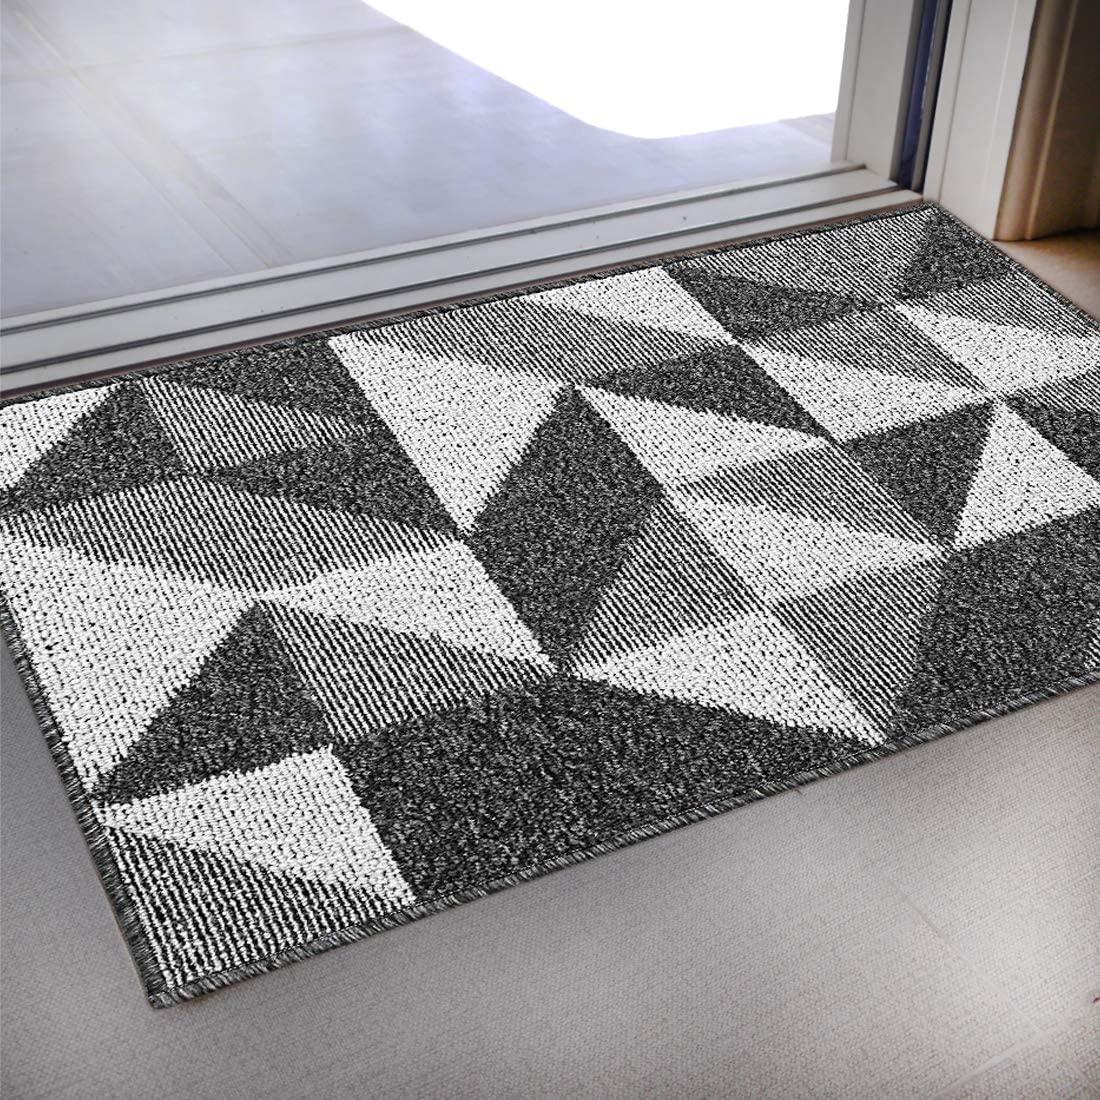 Indoor Doormat 24